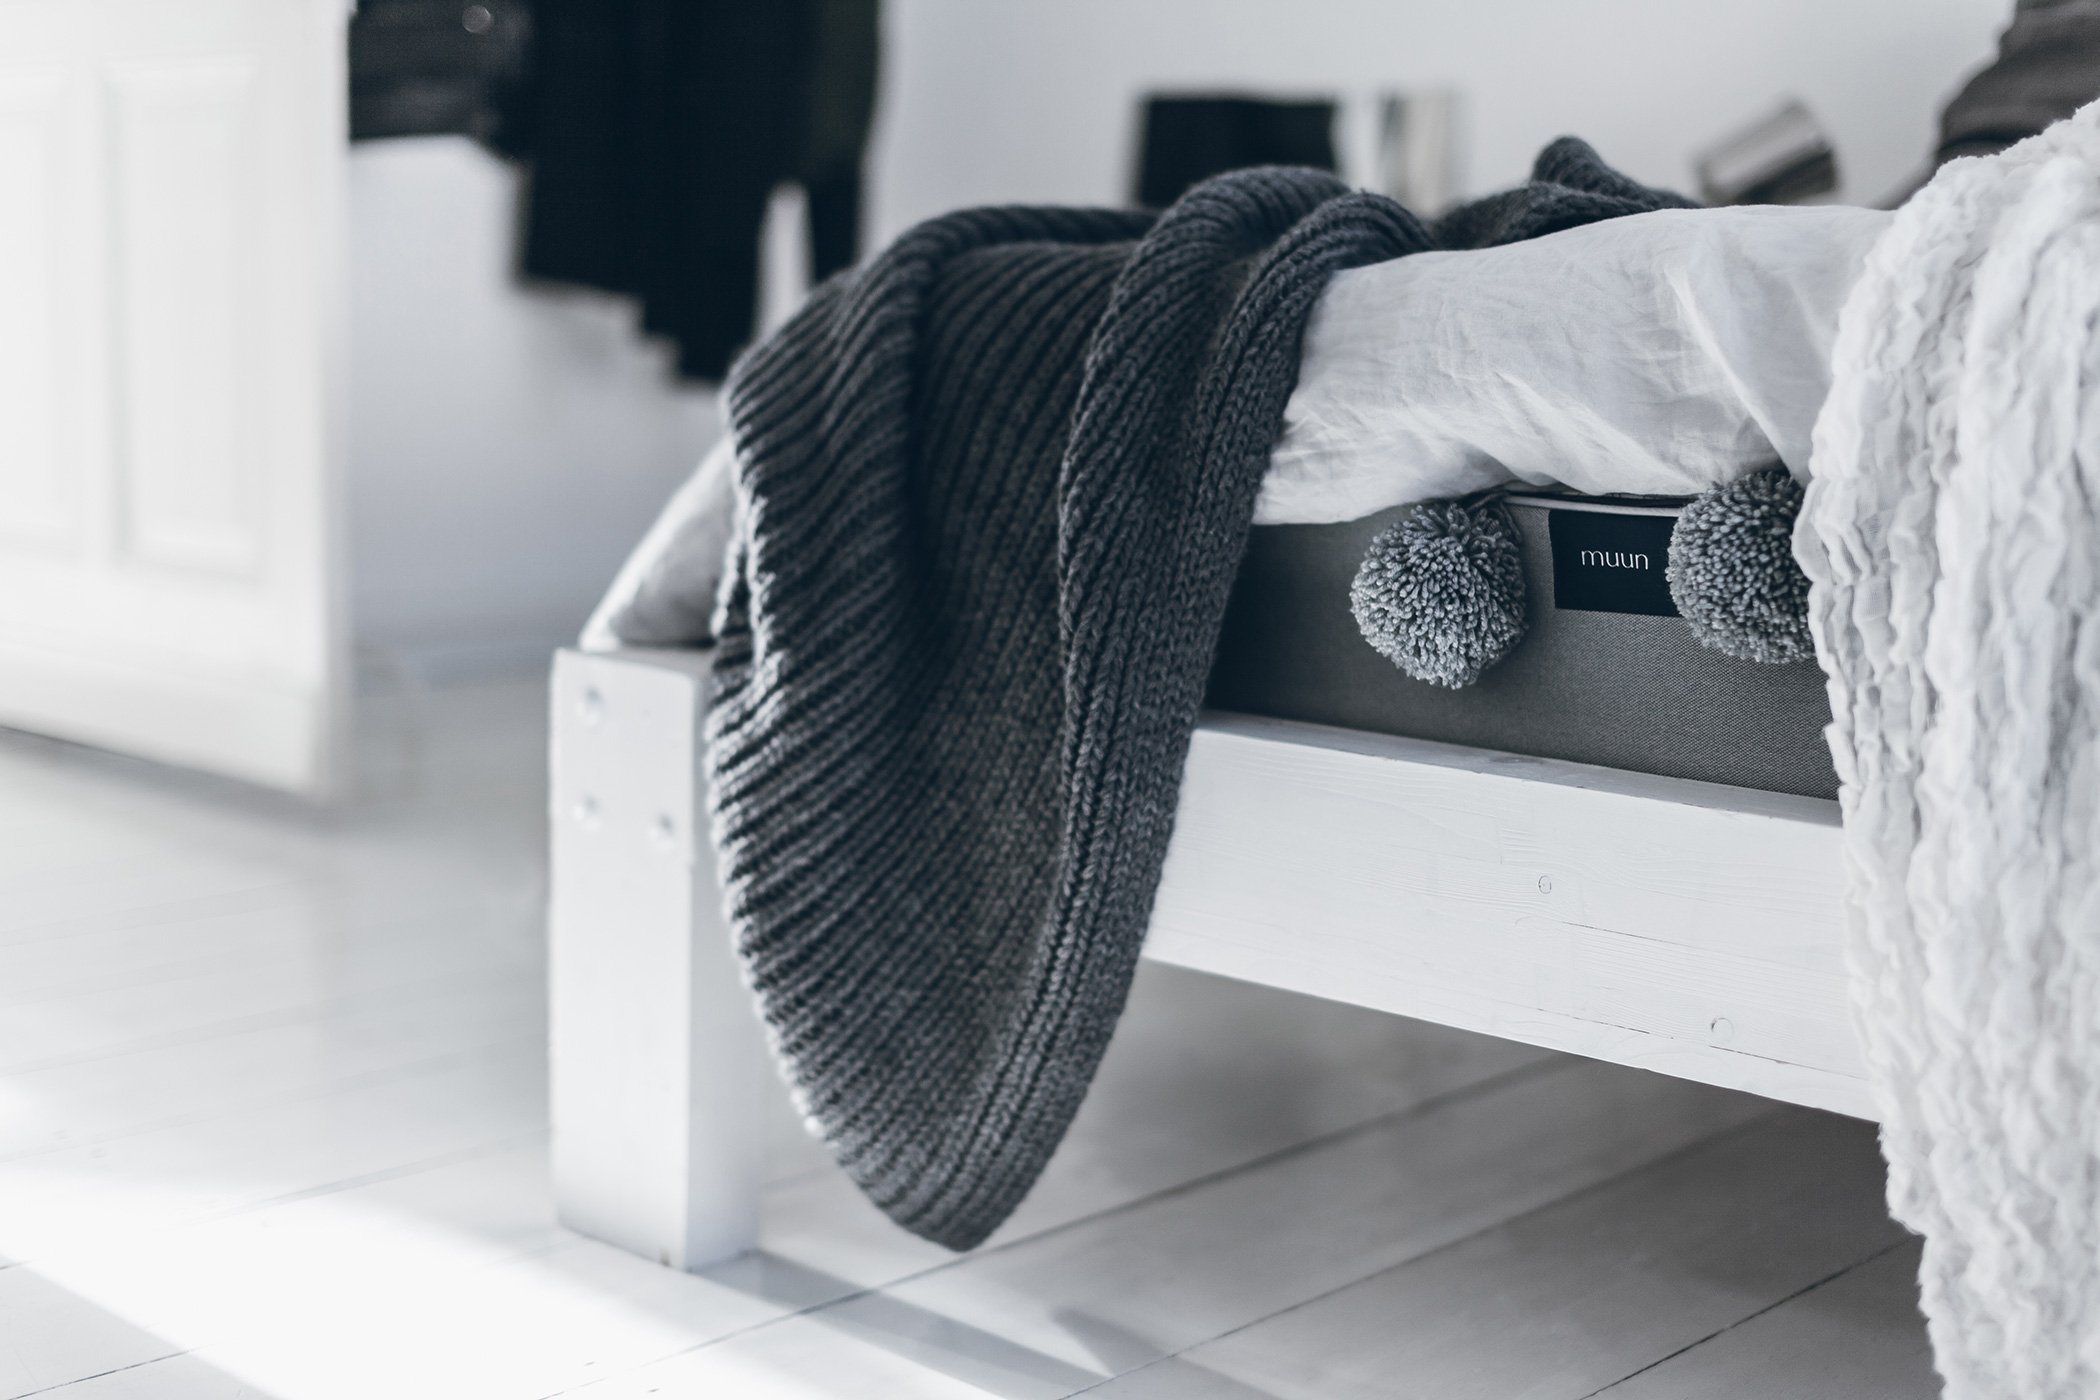 mikuta-muun-mattress-8